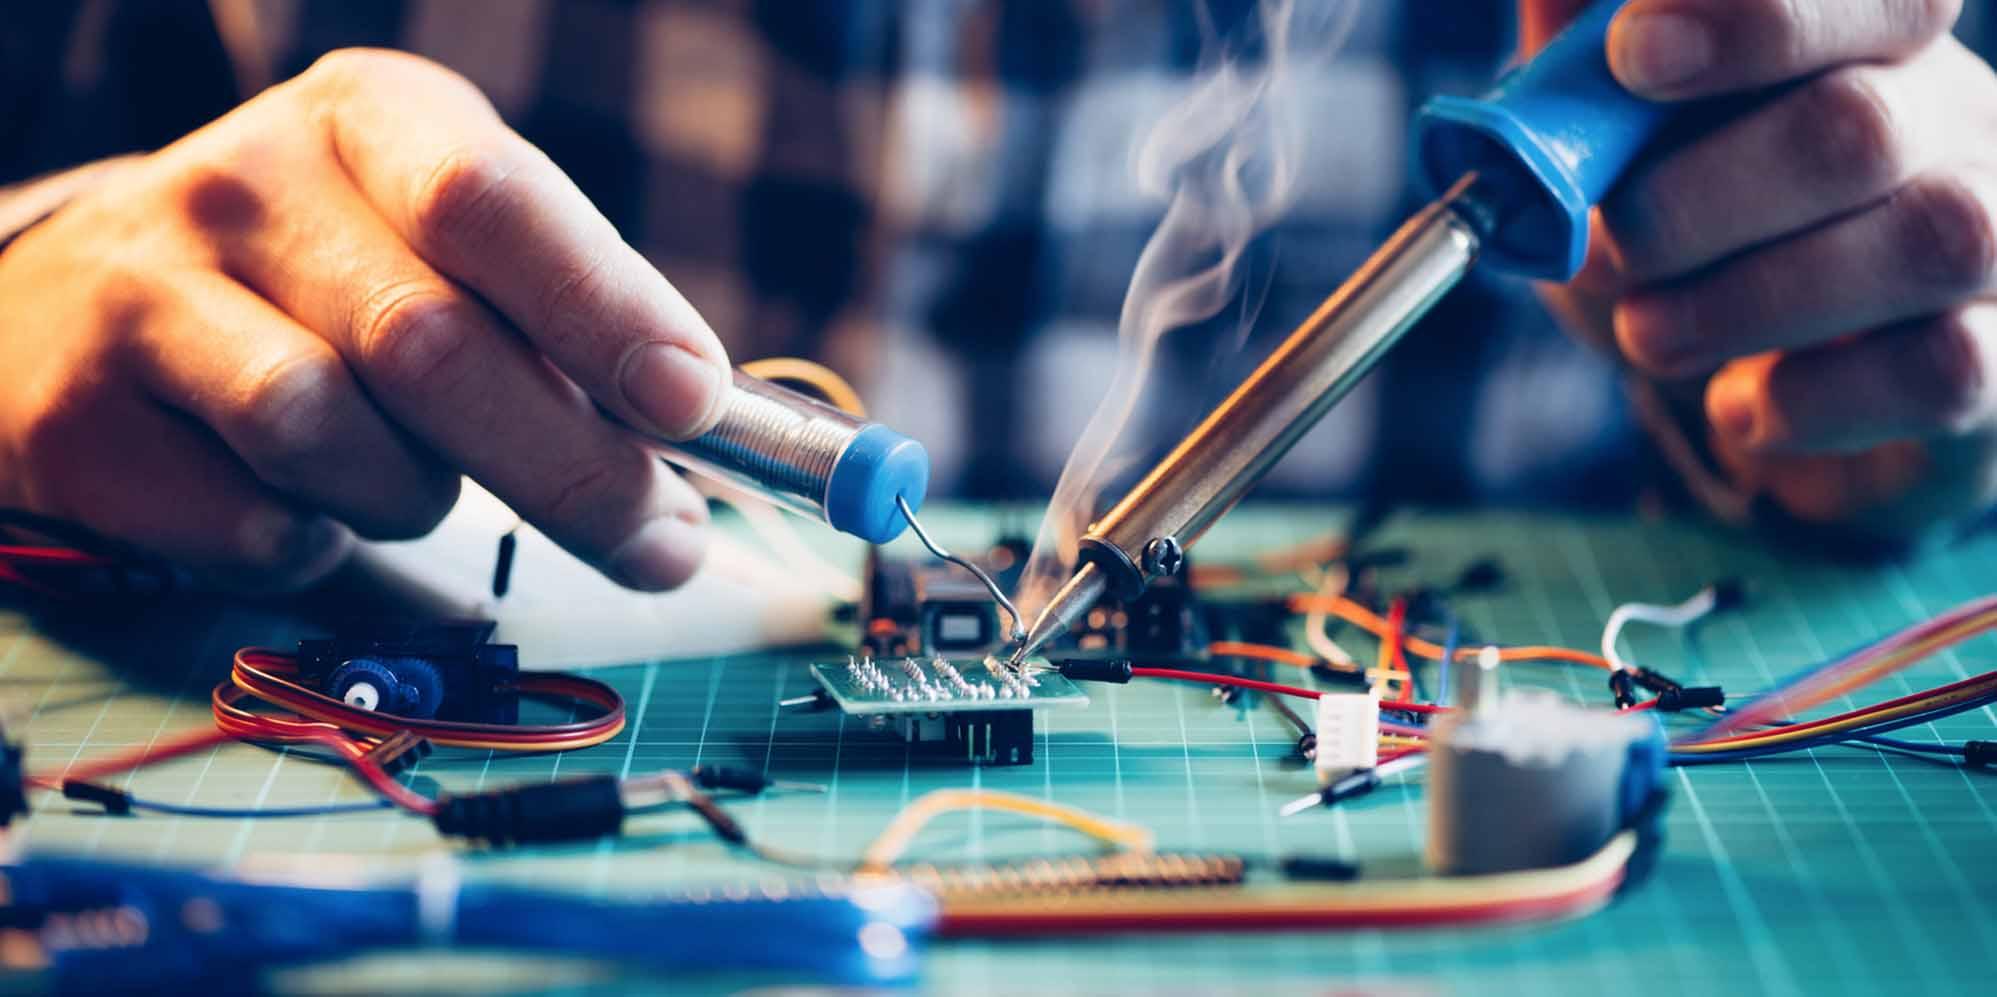 ERTA Bilgisayar;konya bilgisayar tamiri,konya selçuklu bilgisayar tamircisi,konya  bilgisayar hastanesi,konya bilgisayar format,konya bilgisayar satış,konya  tablet tamiri,bosna hersek bilgisayar tamiri